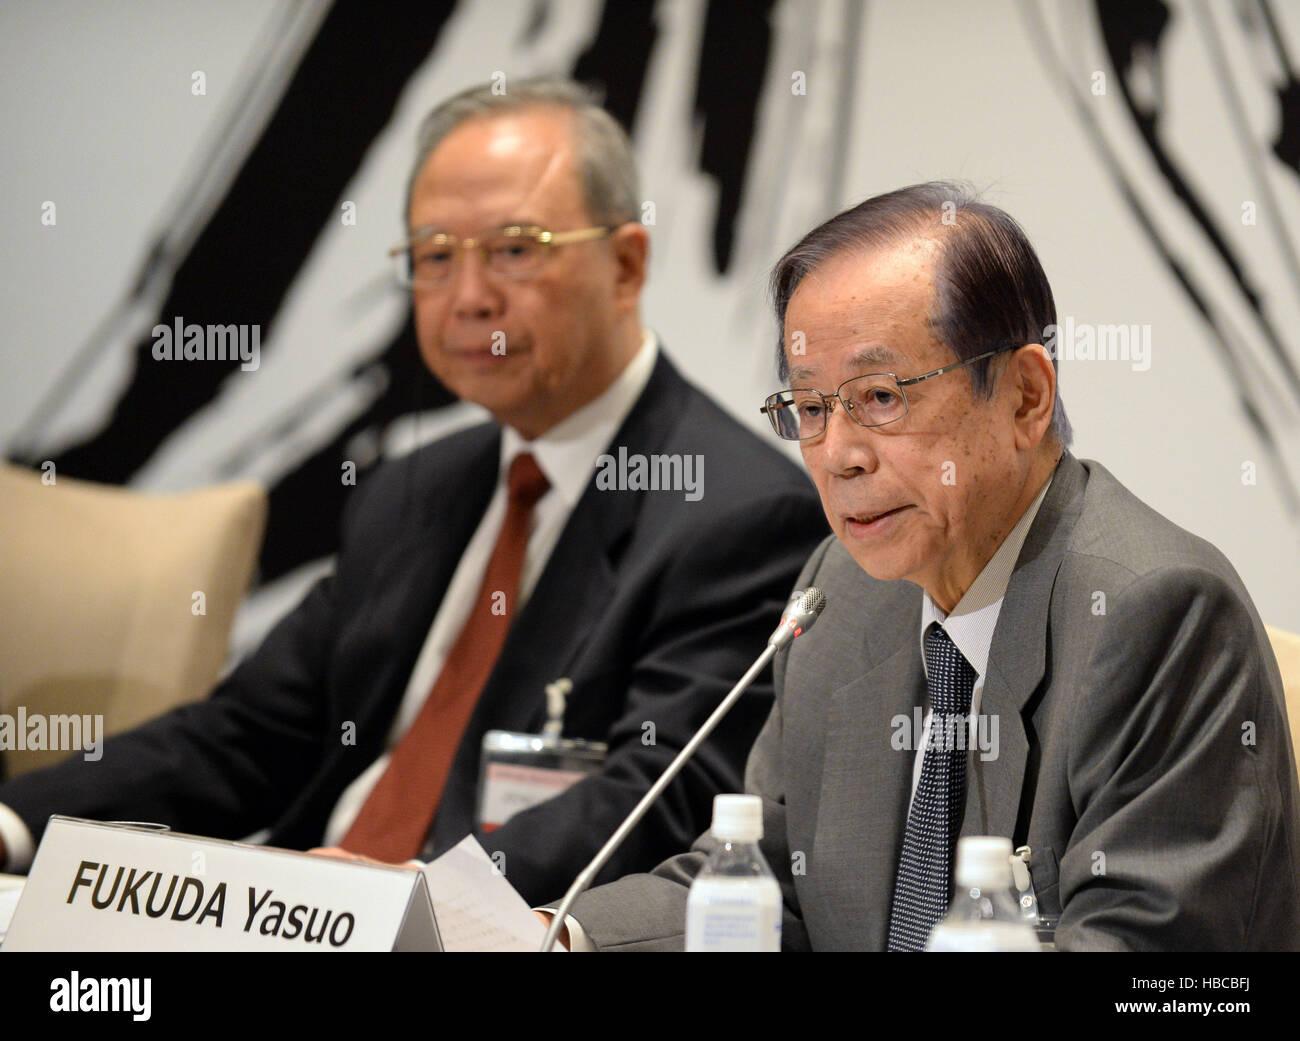 Shizuoka, Japan. 5. Dezember 2016. Ehemaligen japanischen Premierminister Yasuo Fukuda spricht während der Stockbild